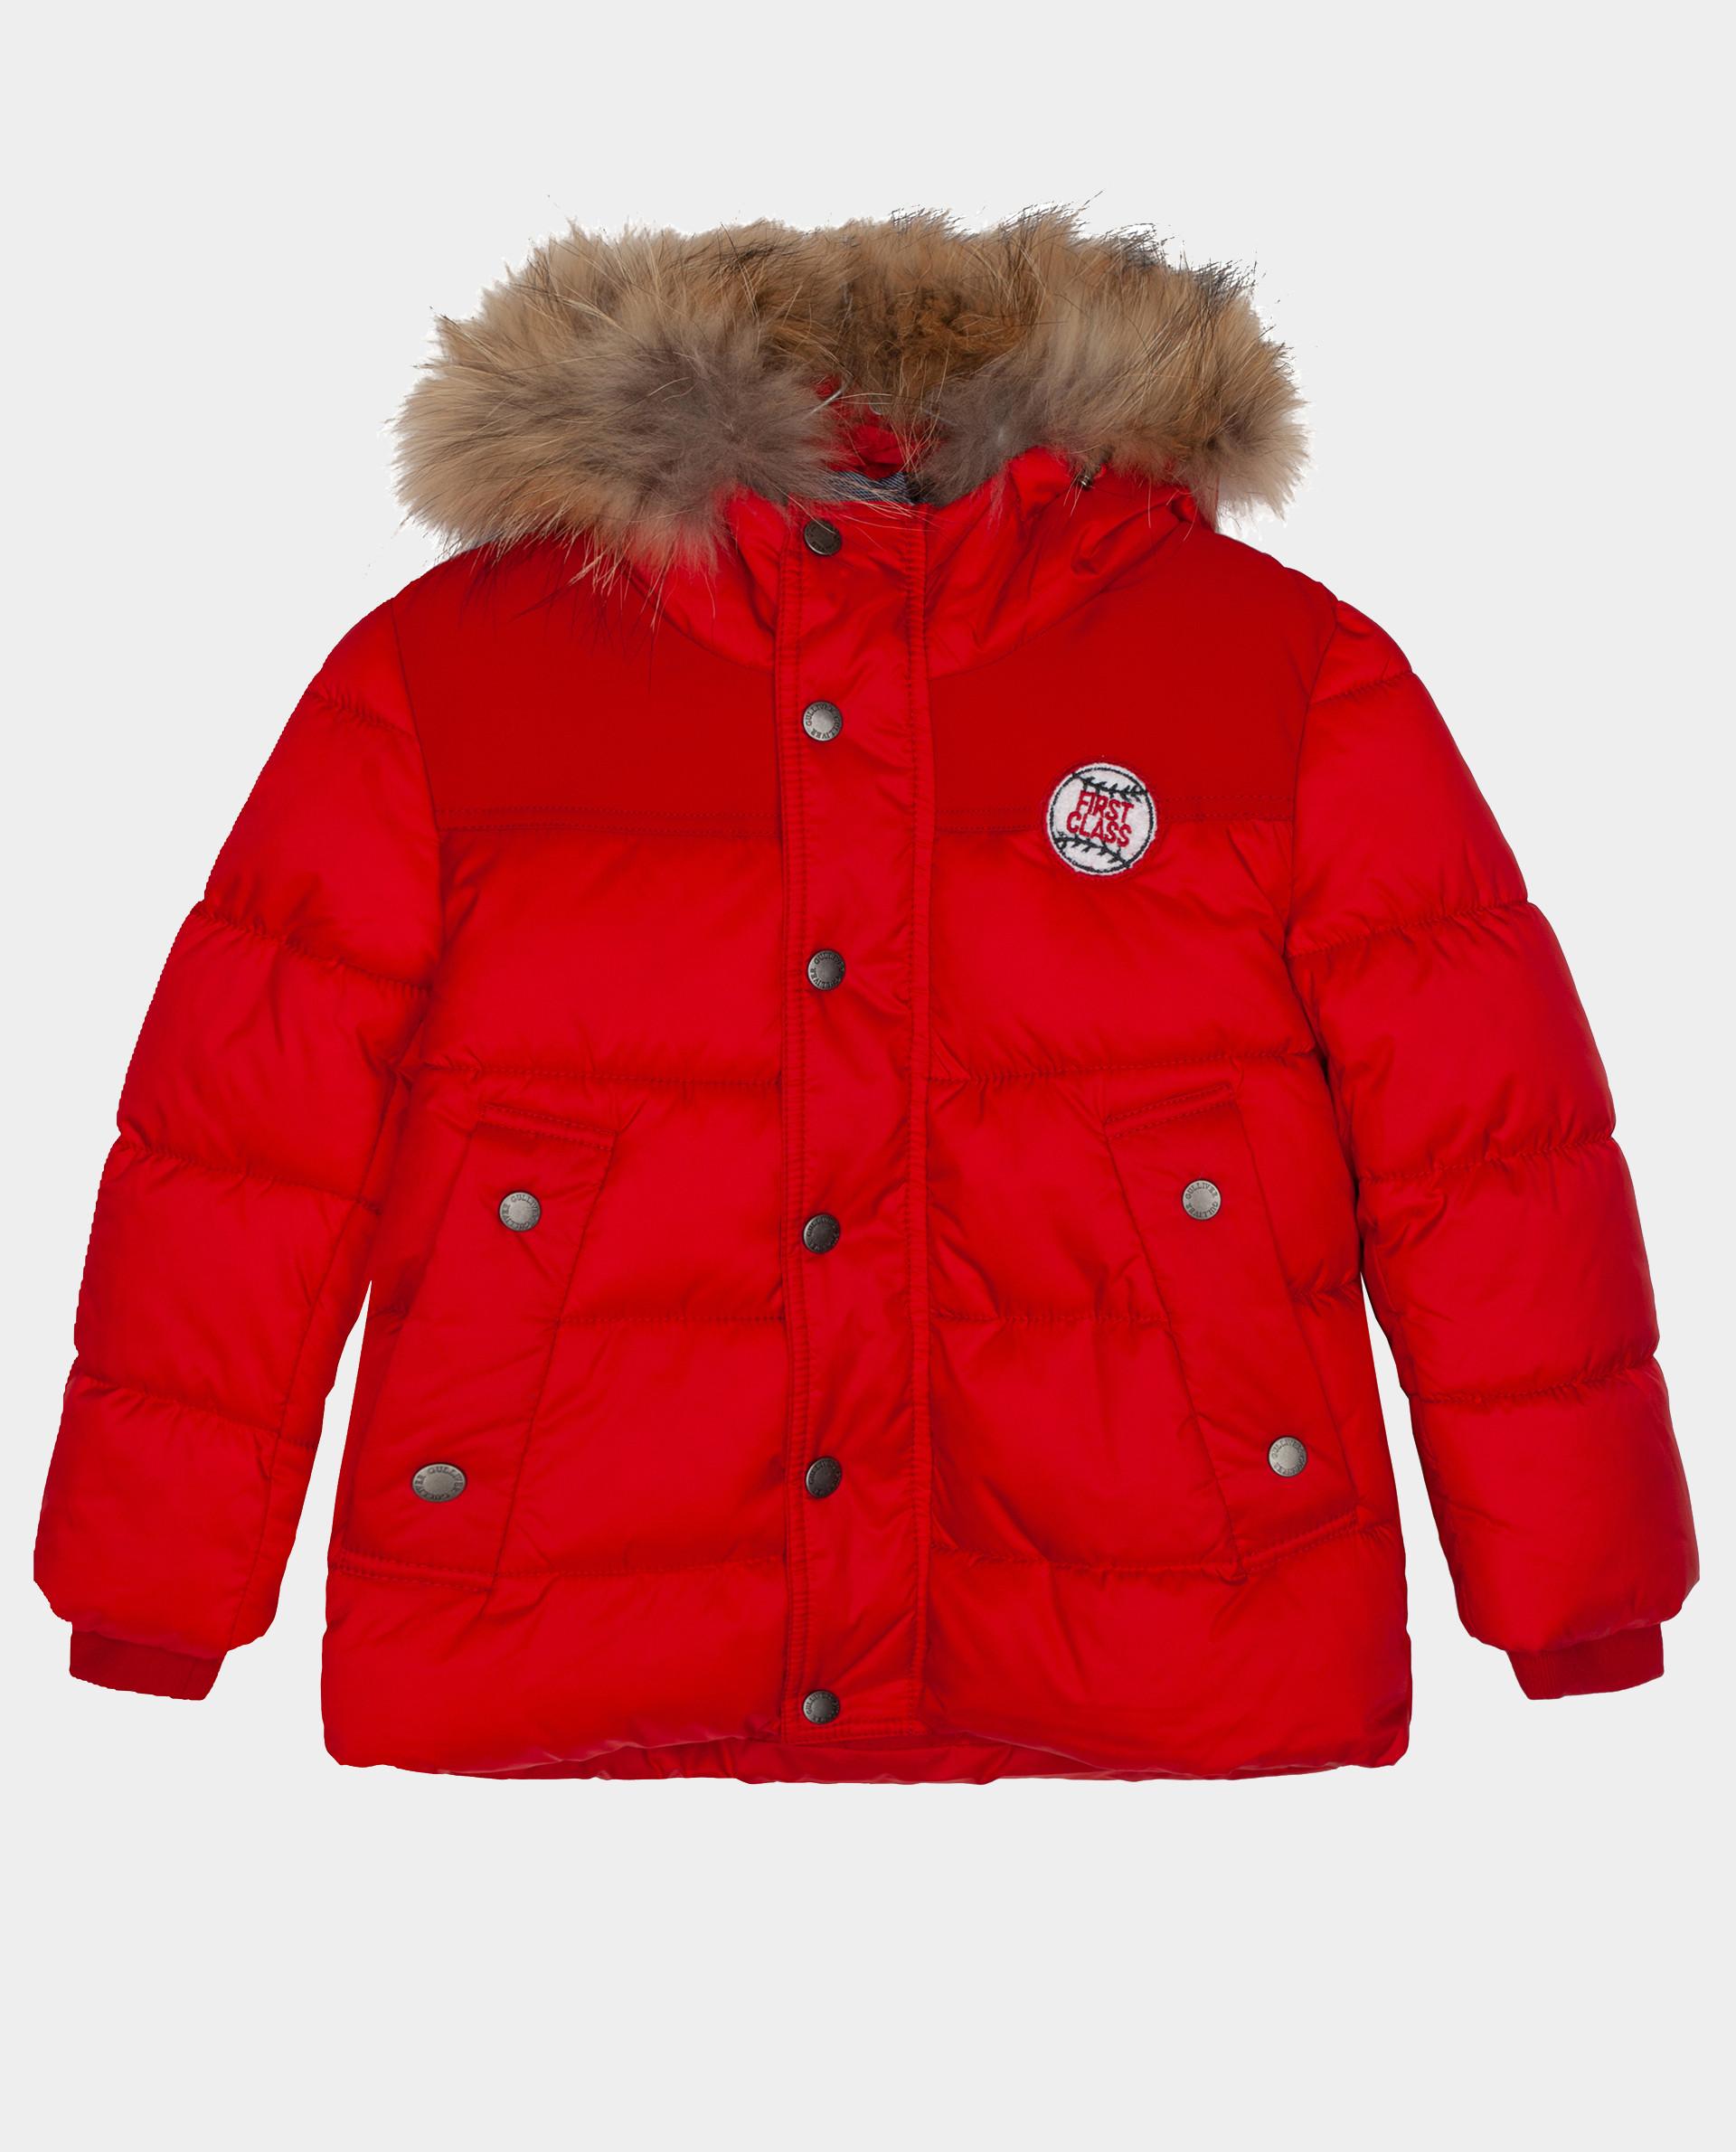 Красная куртка зимняя Gulliver 22005BMC4104, размер 104,  - купить со скидкой